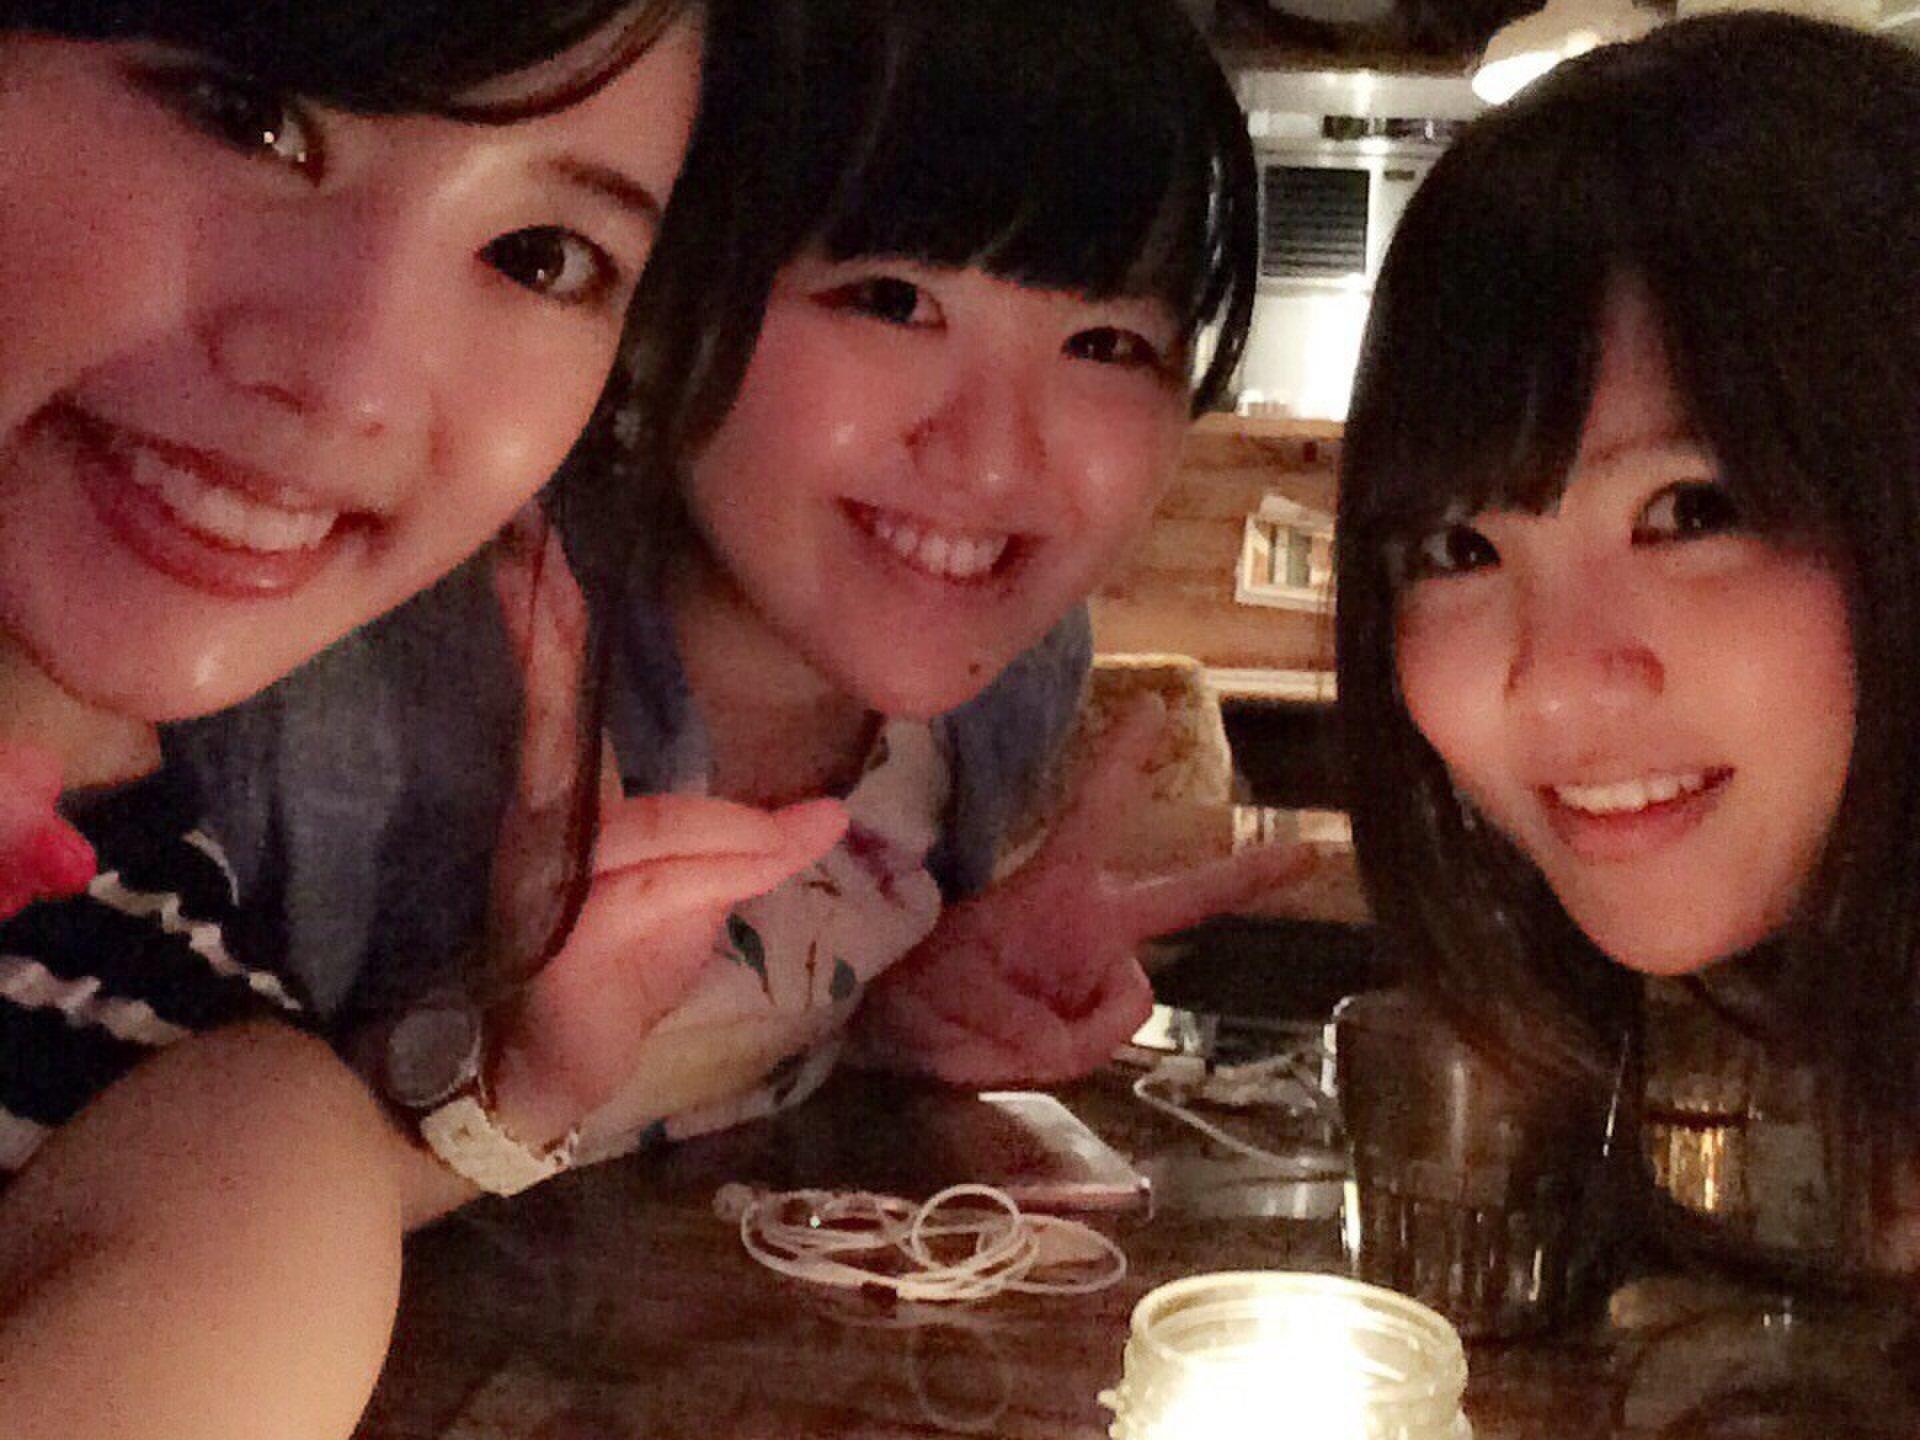 渋谷でびっくりグルメ女子会!フライドチキンにシロップ「MOJA」渋谷で長居できるカフェ